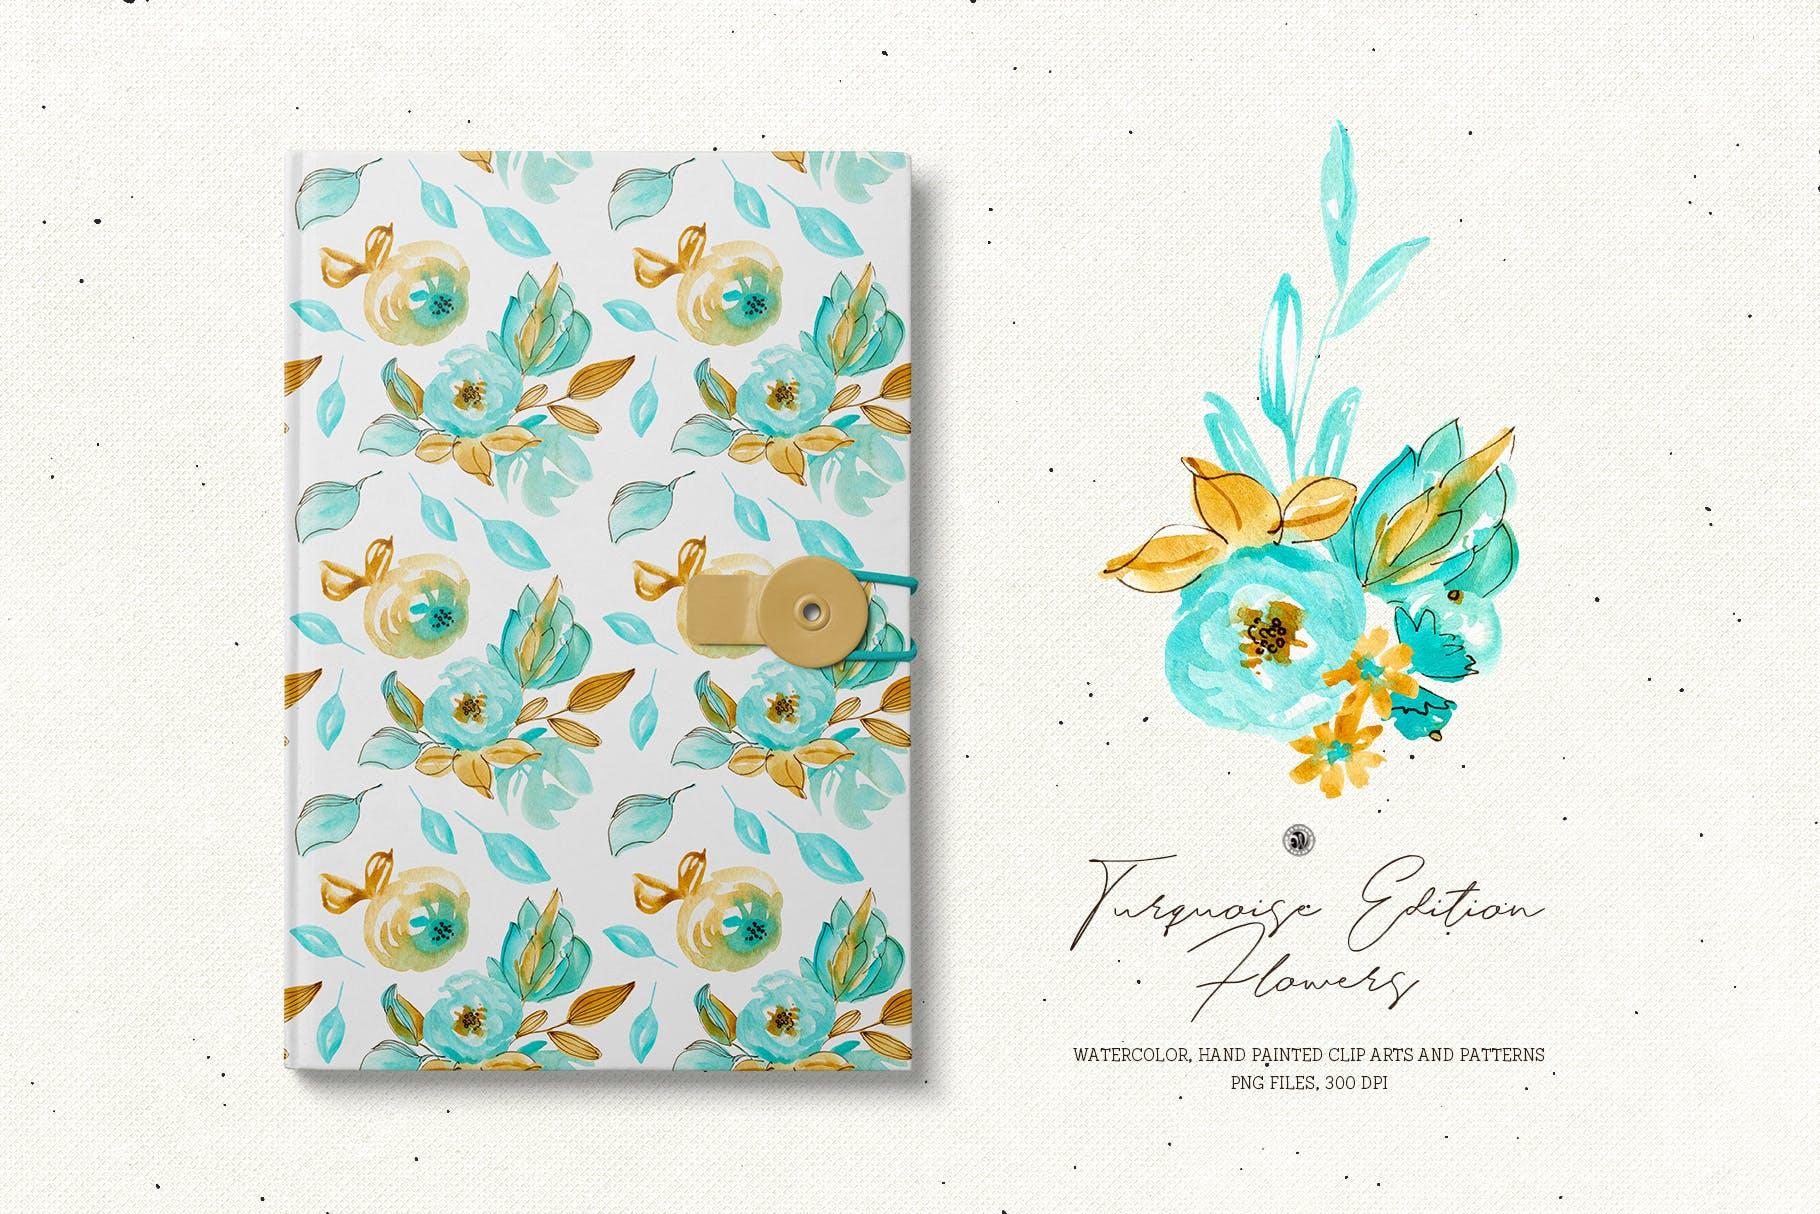 绿松石版水彩花/手绘水彩画/剪贴艺术图案Turquoise Edition Flowers插图(1)